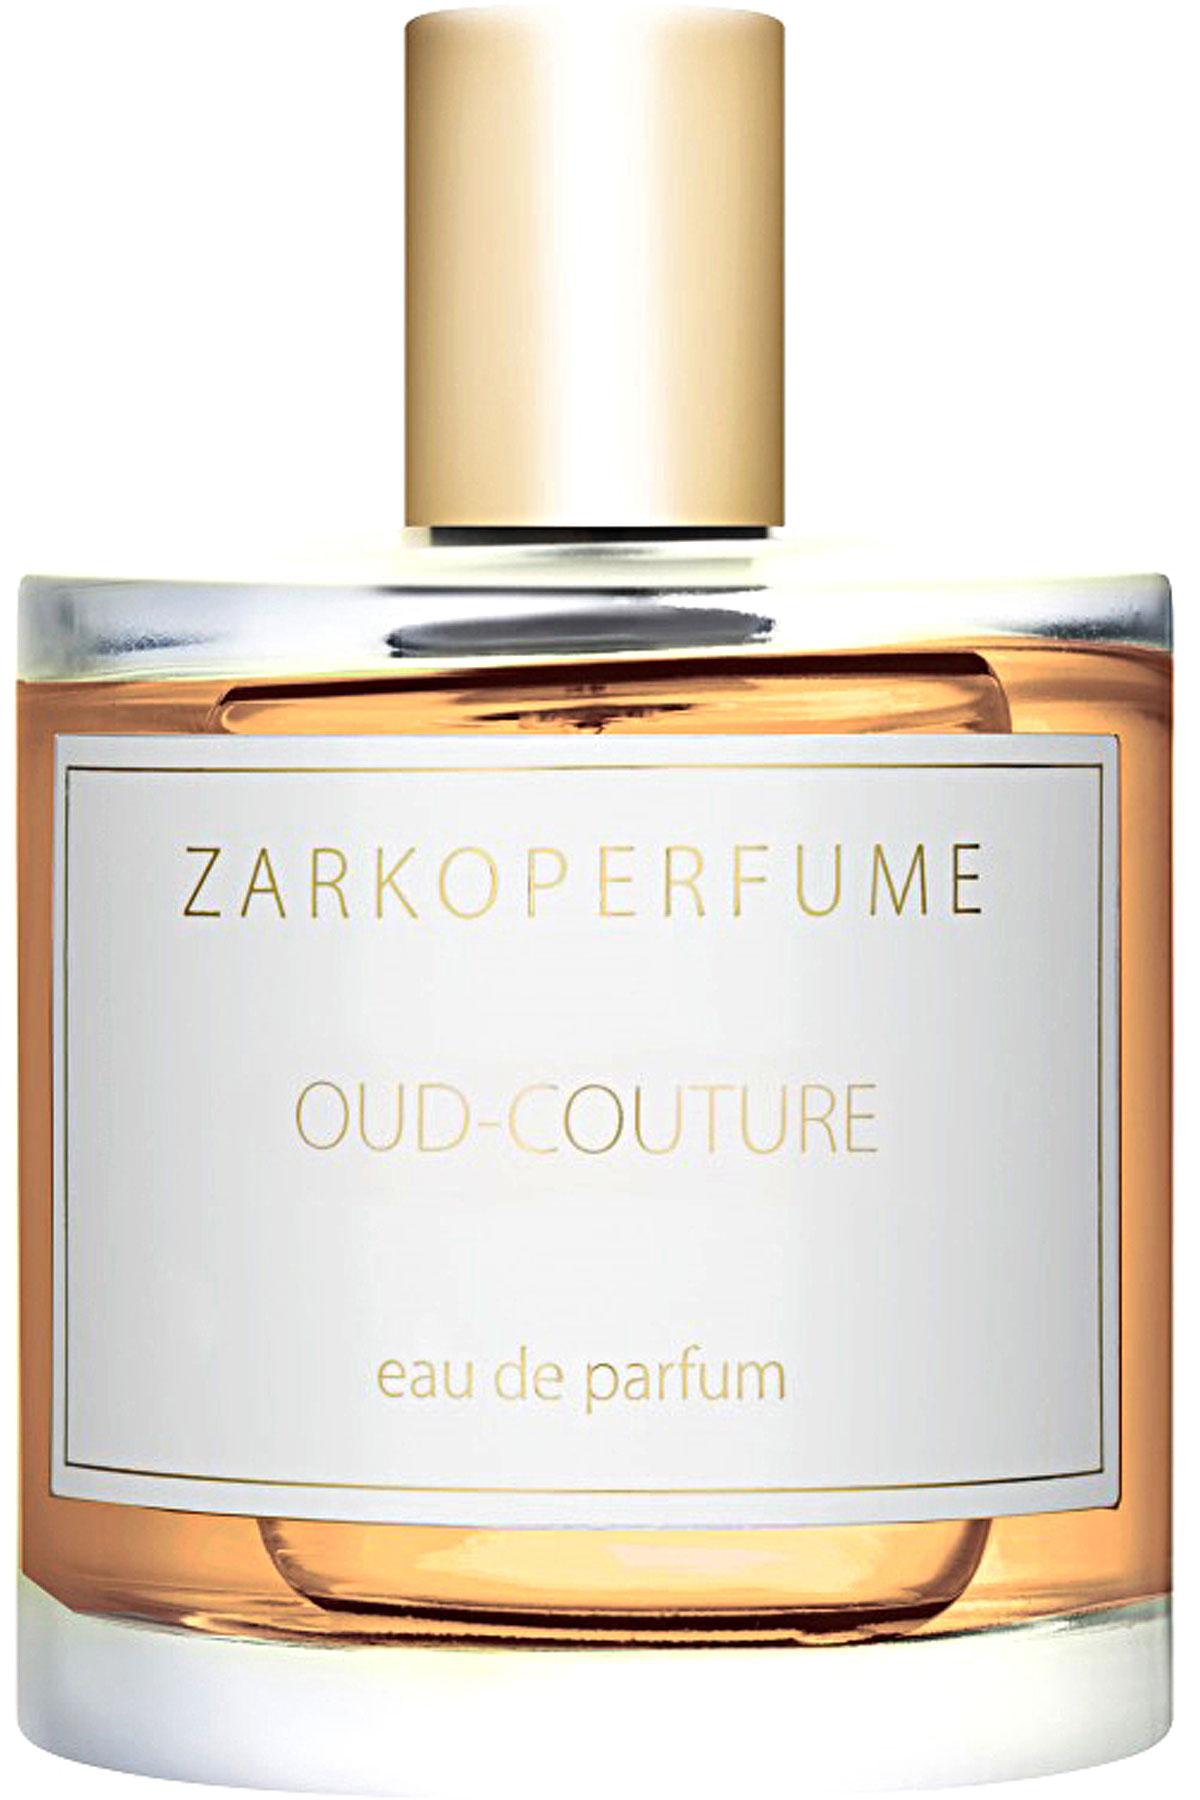 Zarkoperfume Fragrances for Women, Oud Couture - Eau De Parfum - 100 Ml, 2019, 100 ml